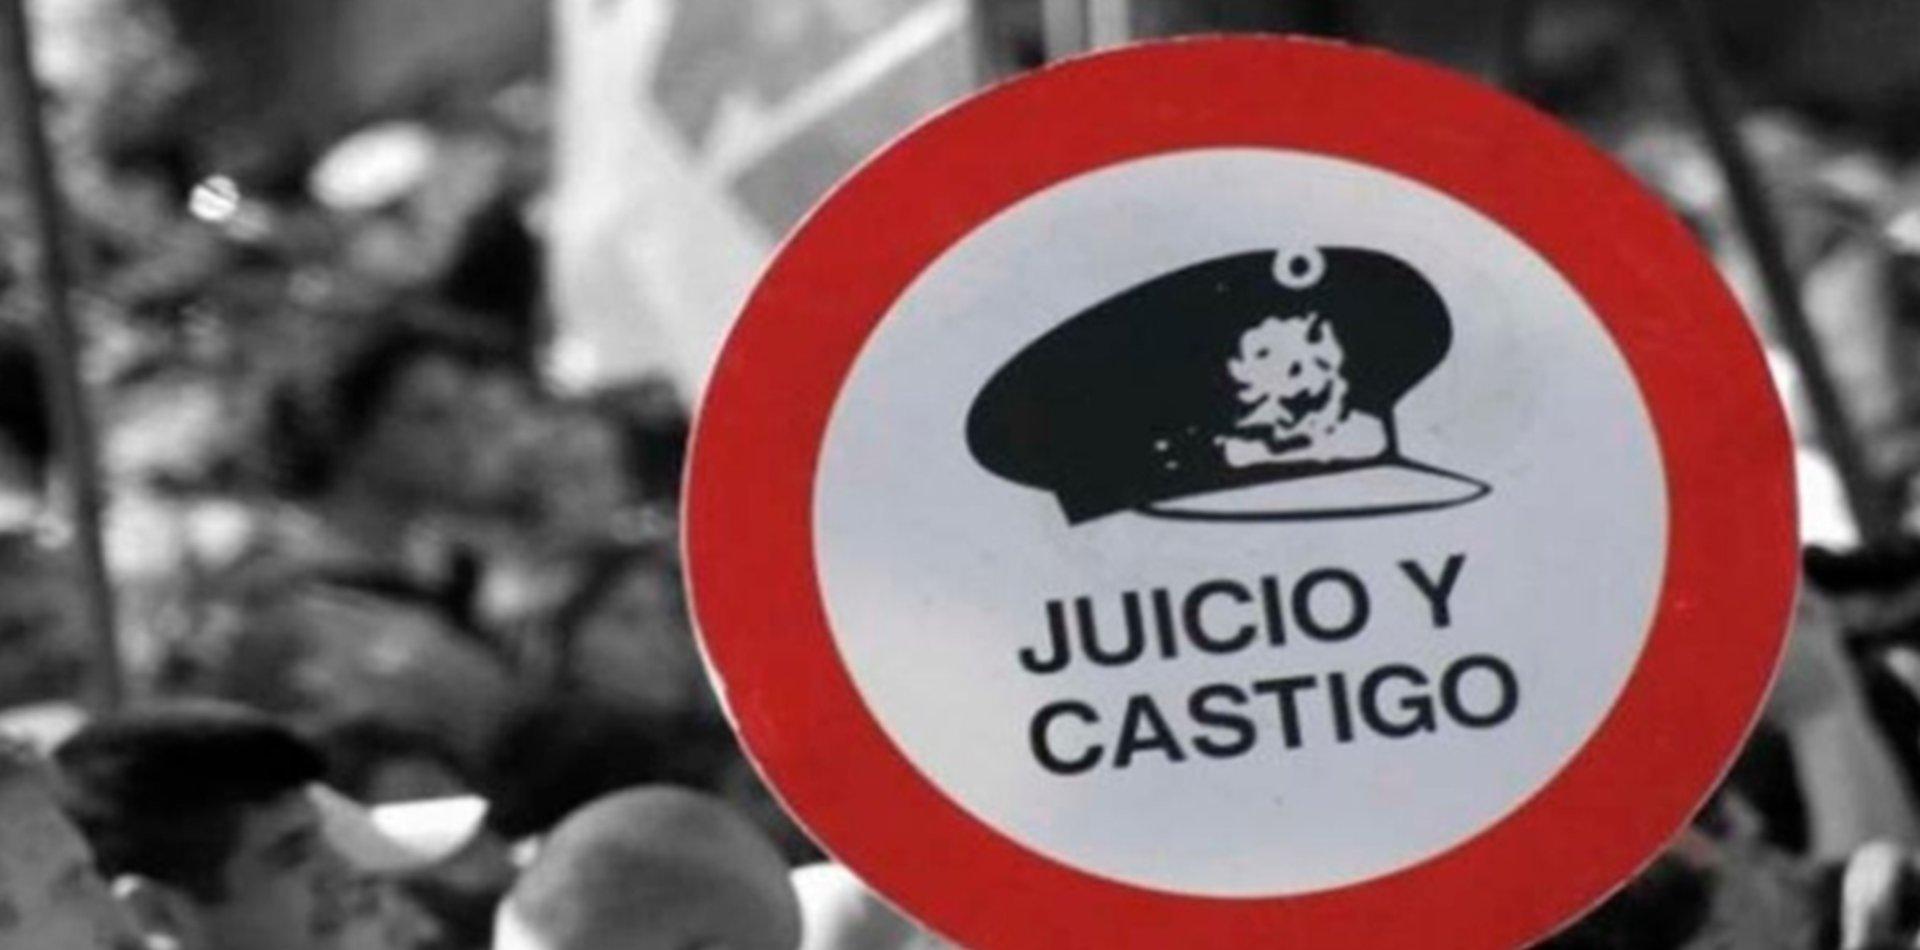 Amenazaron a un periodista de La Plata por una nota sobre un represor